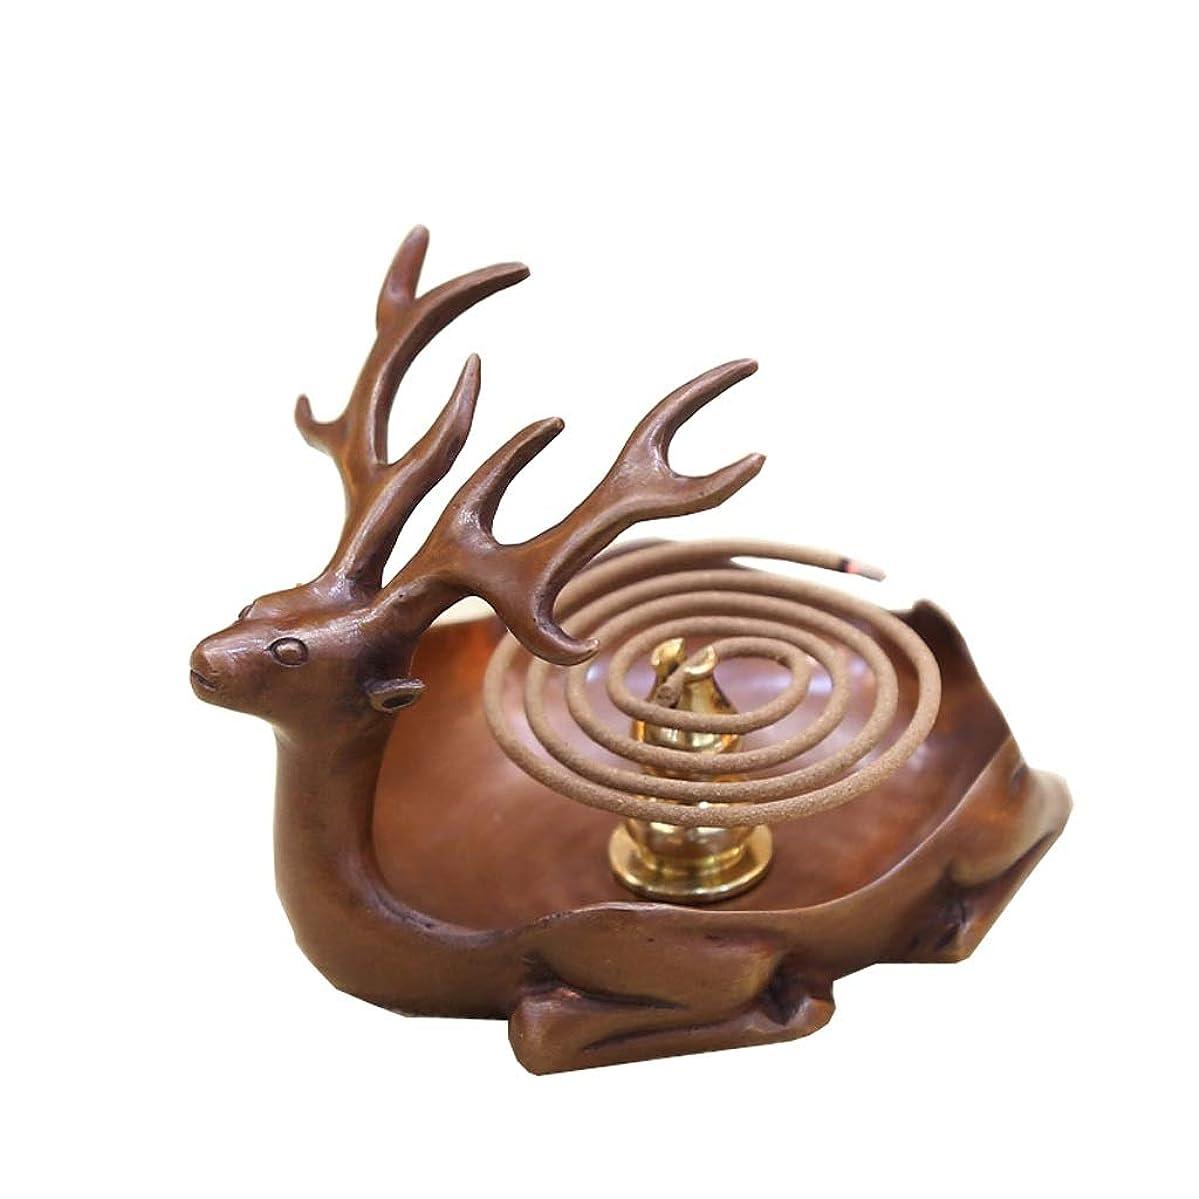 構築するヘロイン寂しいホームアロマバーナー 純粋な銅アンティーク子鹿香バーナーホーム屋内香ビャクダン茶セレモニー香バーナー装飾 アロマバーナー (Color : Brown)